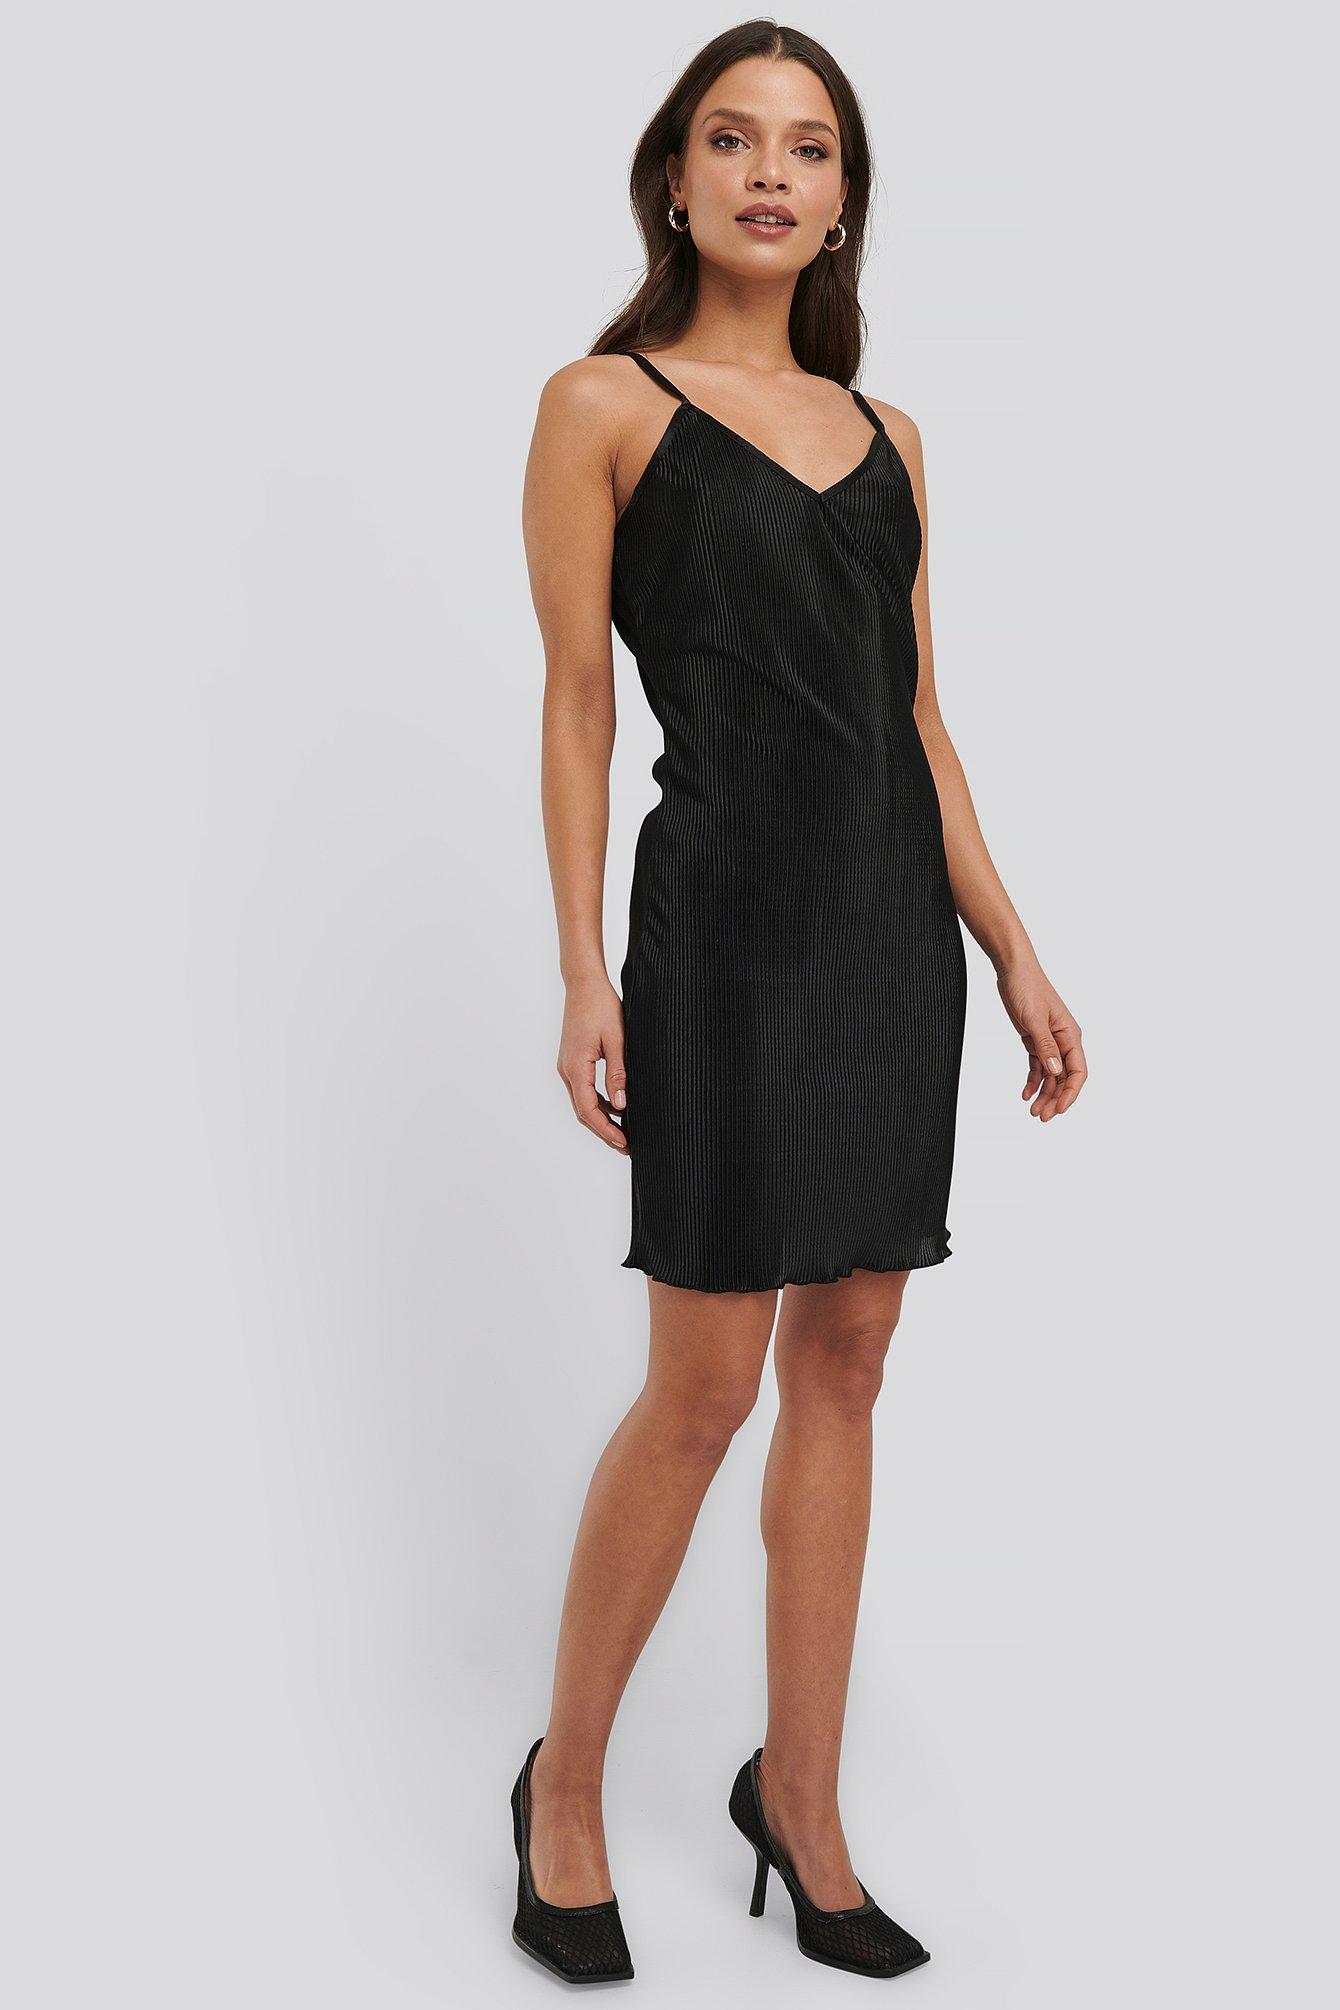 NA-KD Trend Pleated Slip Dress - Black | Unterwäsche & Reizwäsche > Slips | NA-KD Trend